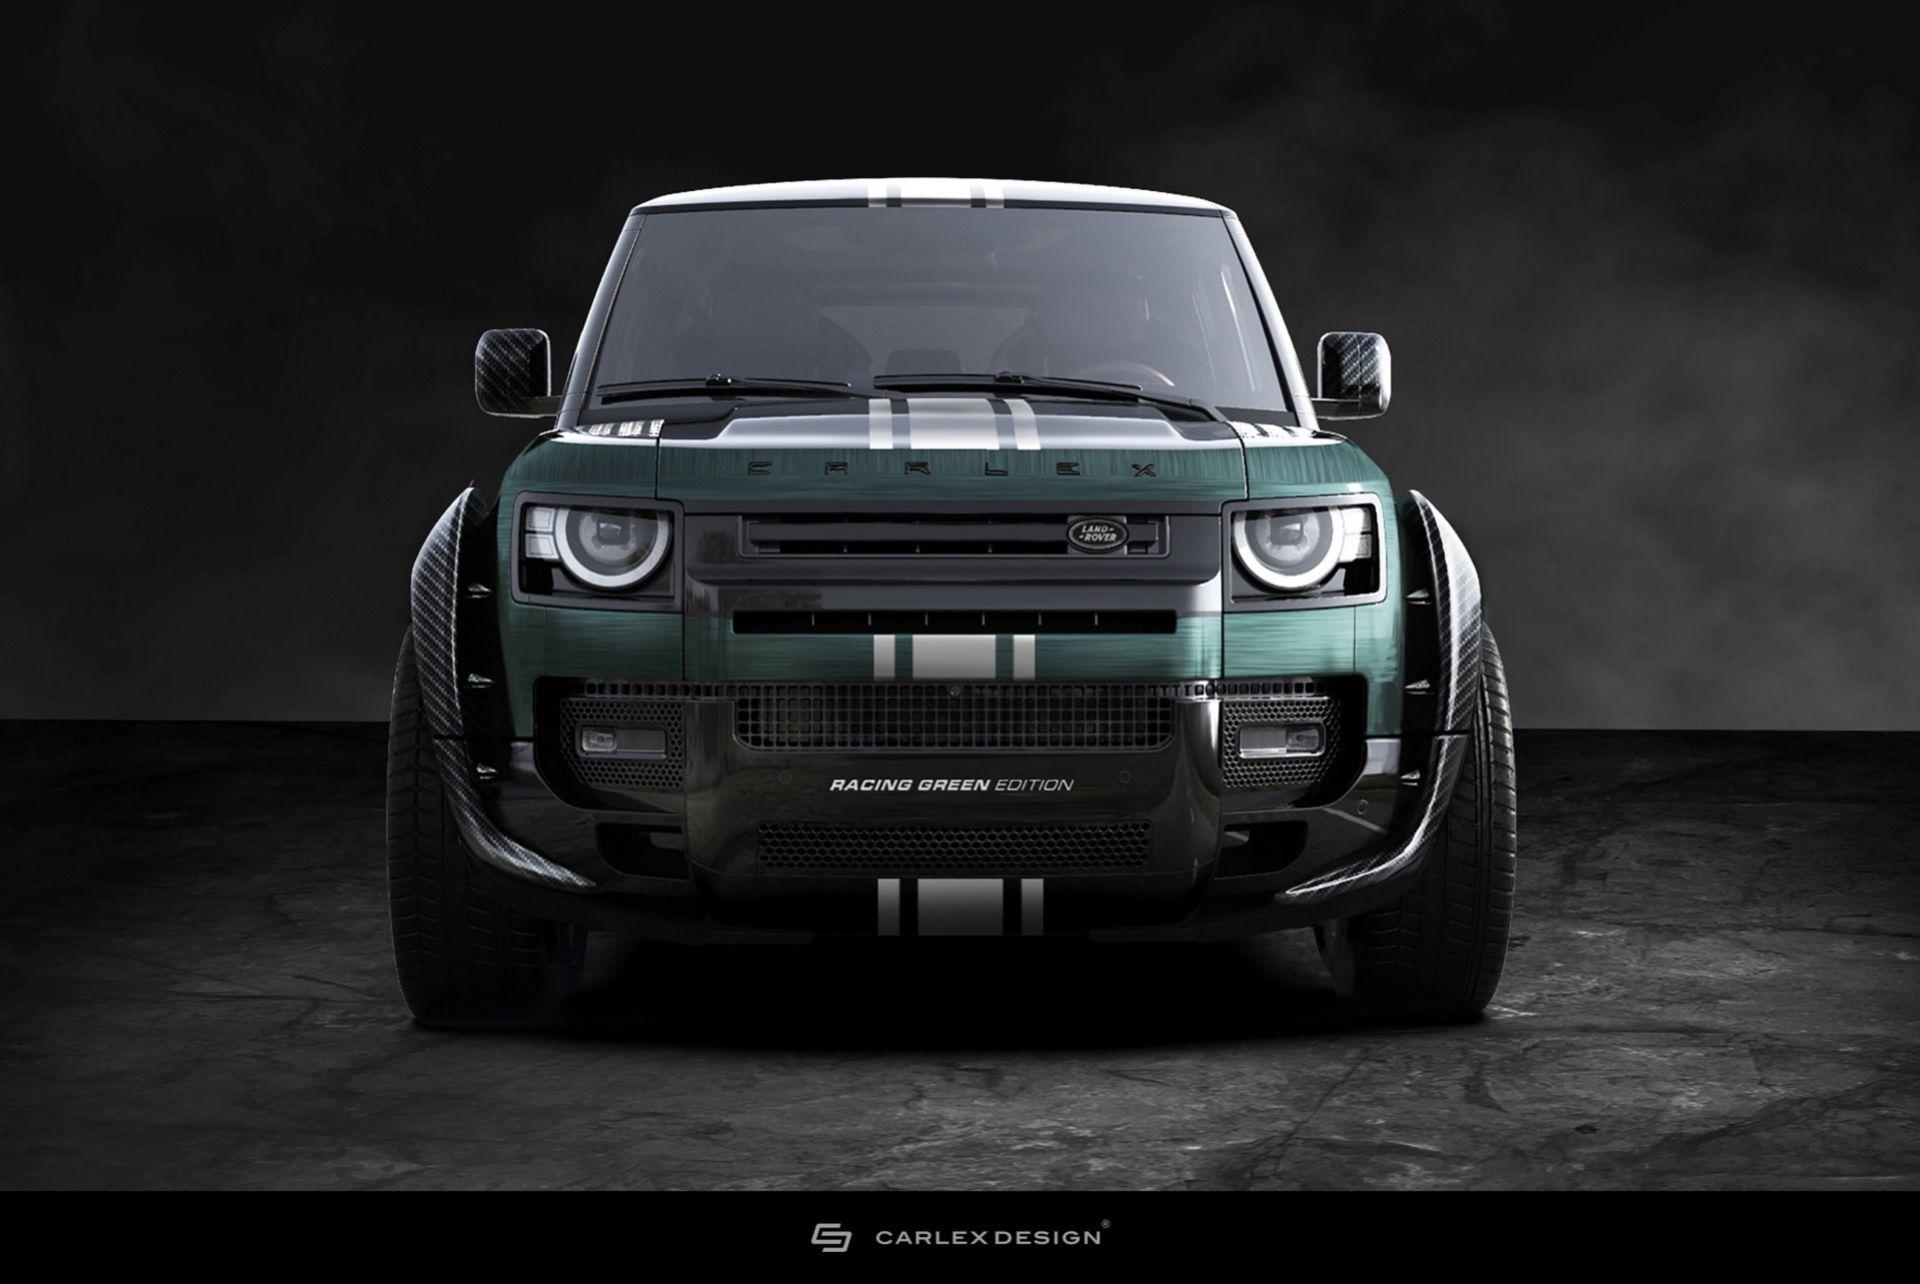 Carlex biffar till nya Land Rover Defender